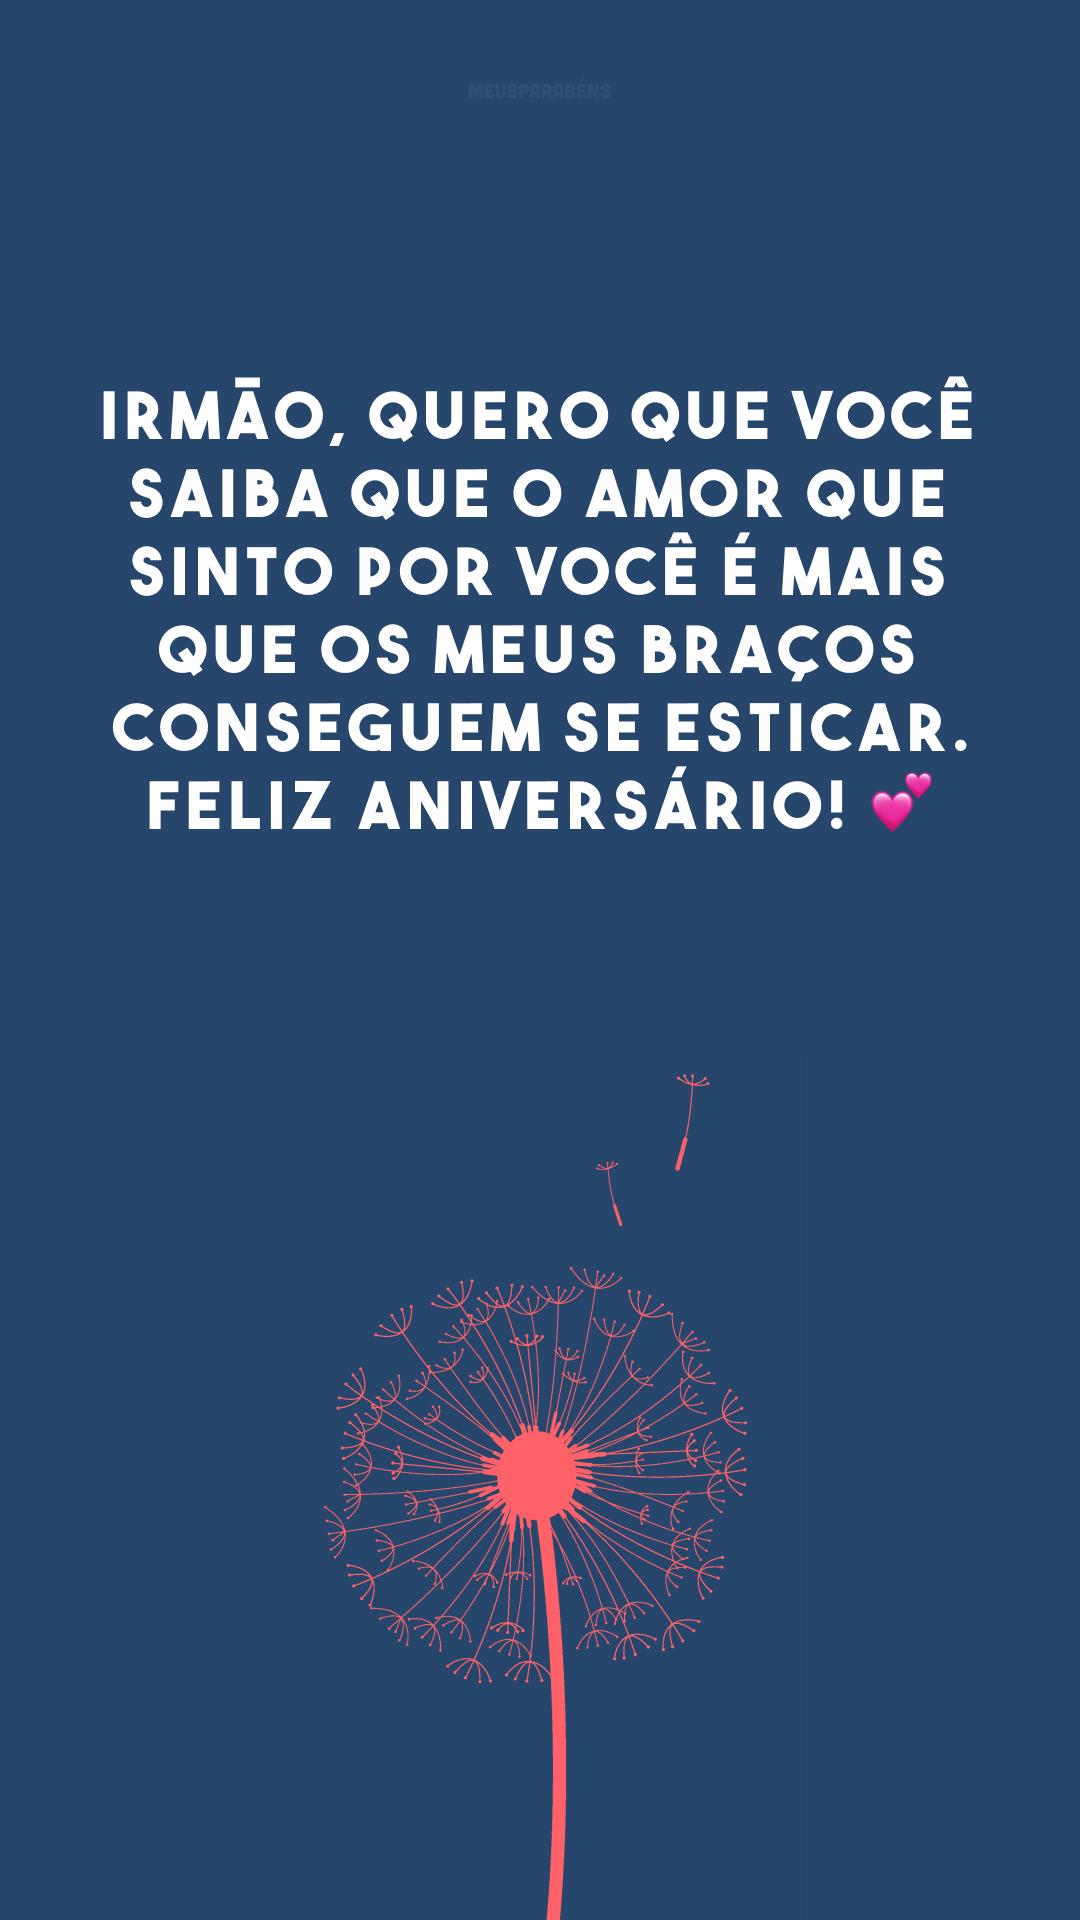 Irmão, quero que você saiba que o amor que sinto por você é mais que os meus braços conseguem se esticar. Feliz aniversário! 💕